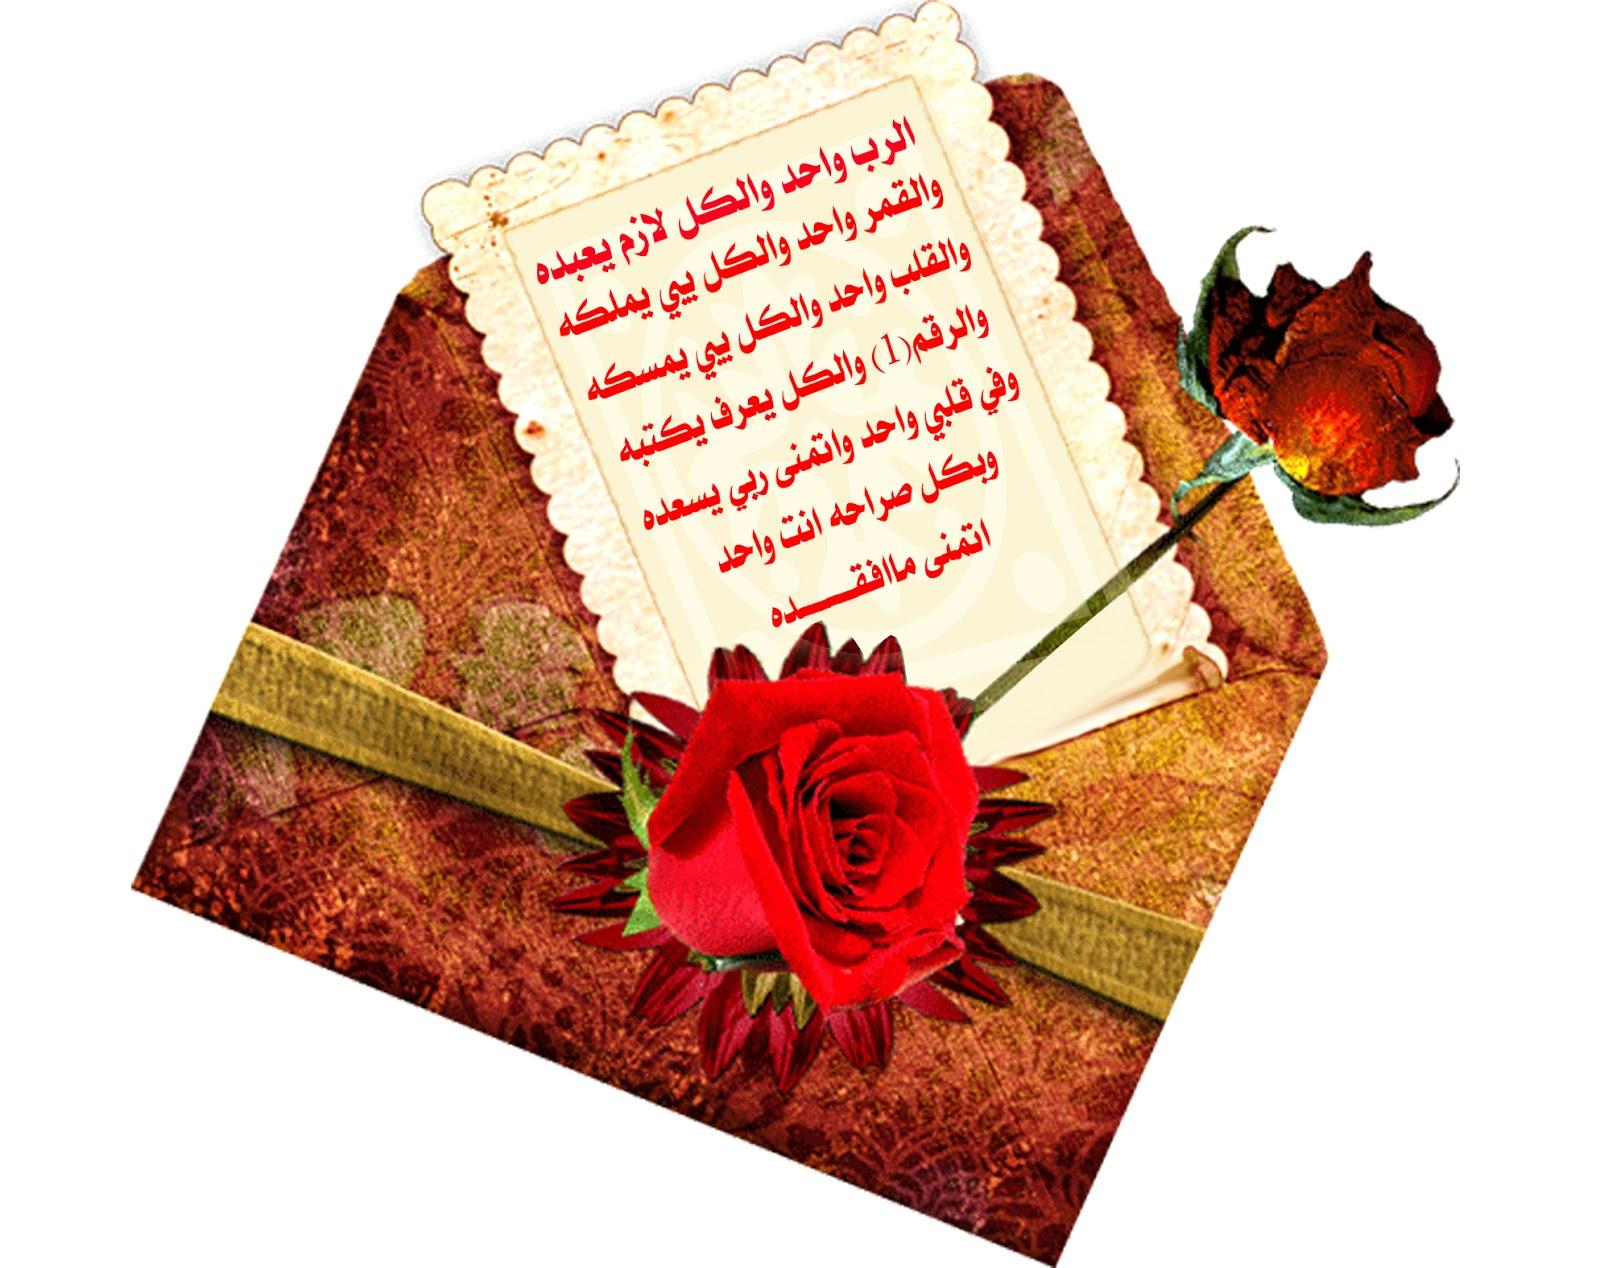 بالصور رسائل حب ورومانسية , شوف ارق رسالة حب للحبيبين 5800 4